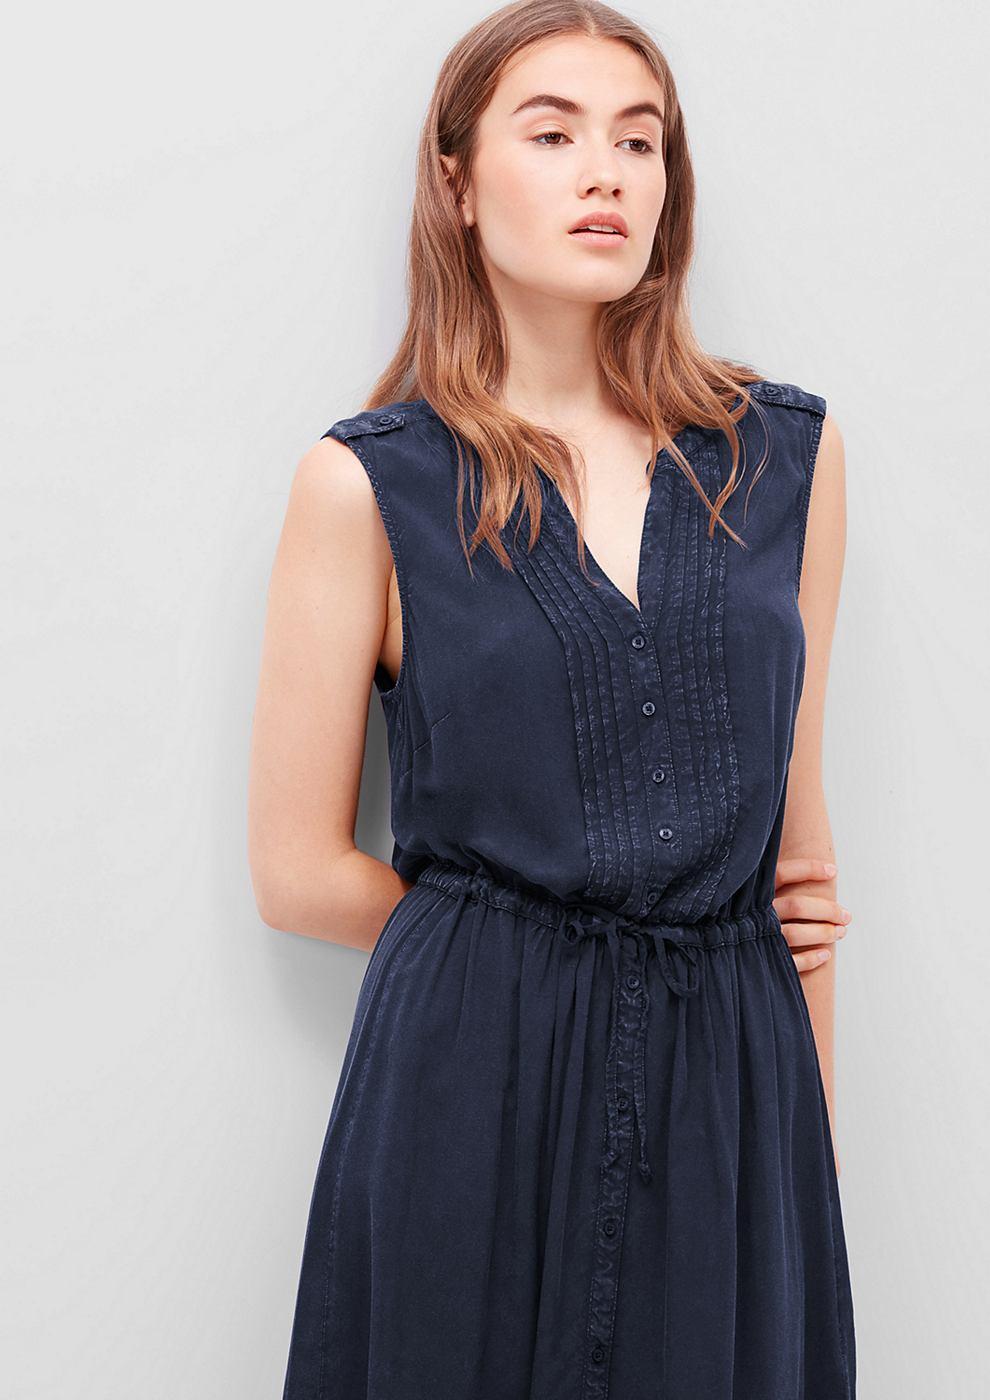 s.Oliver jurk blauw